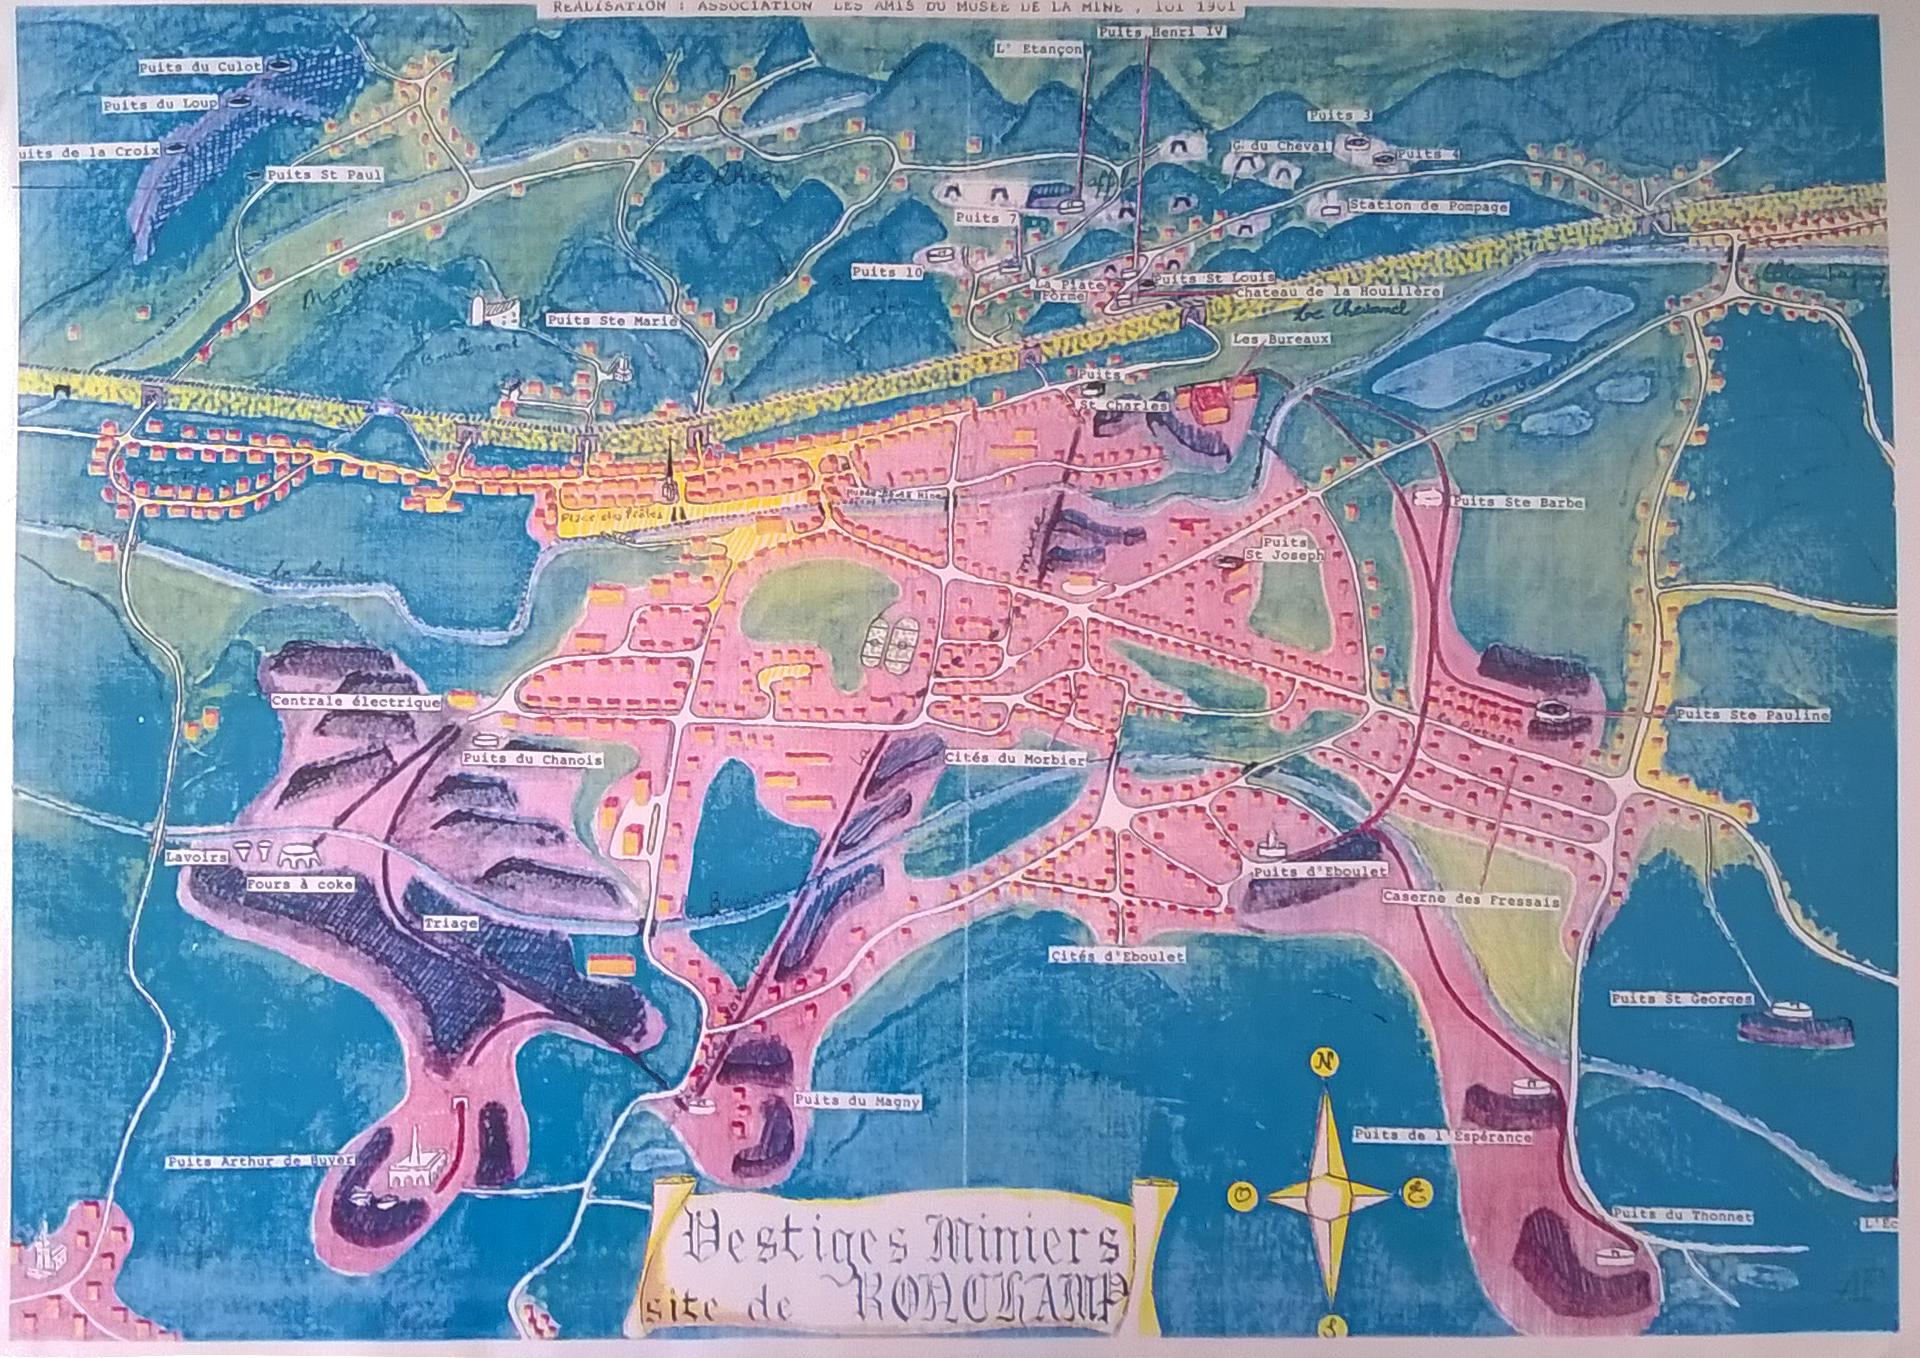 Plan des vestiges miniers